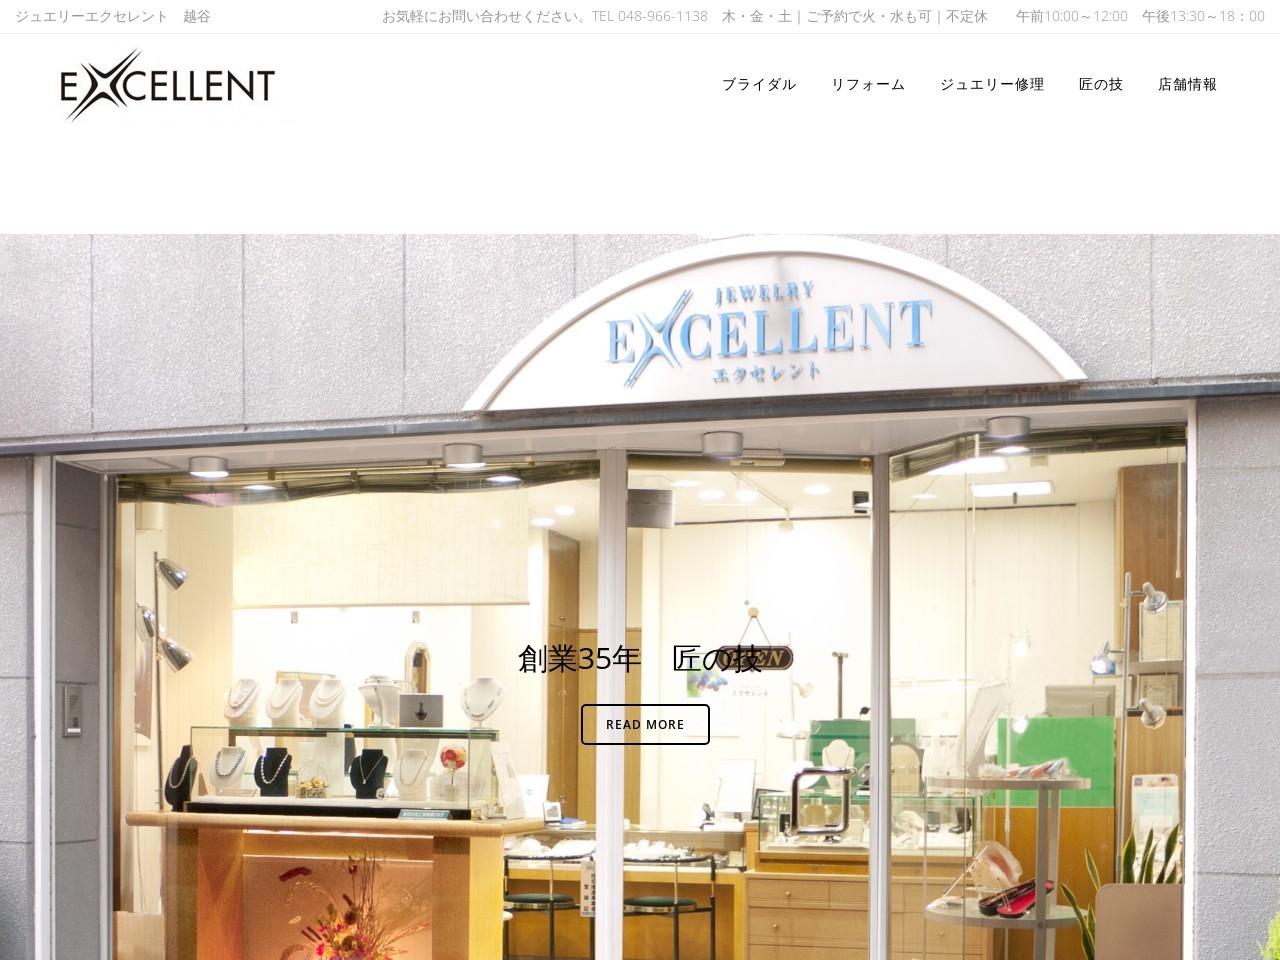 ジュエリーエクセレント | Jewelry Excellent 埼玉 越谷 宝石